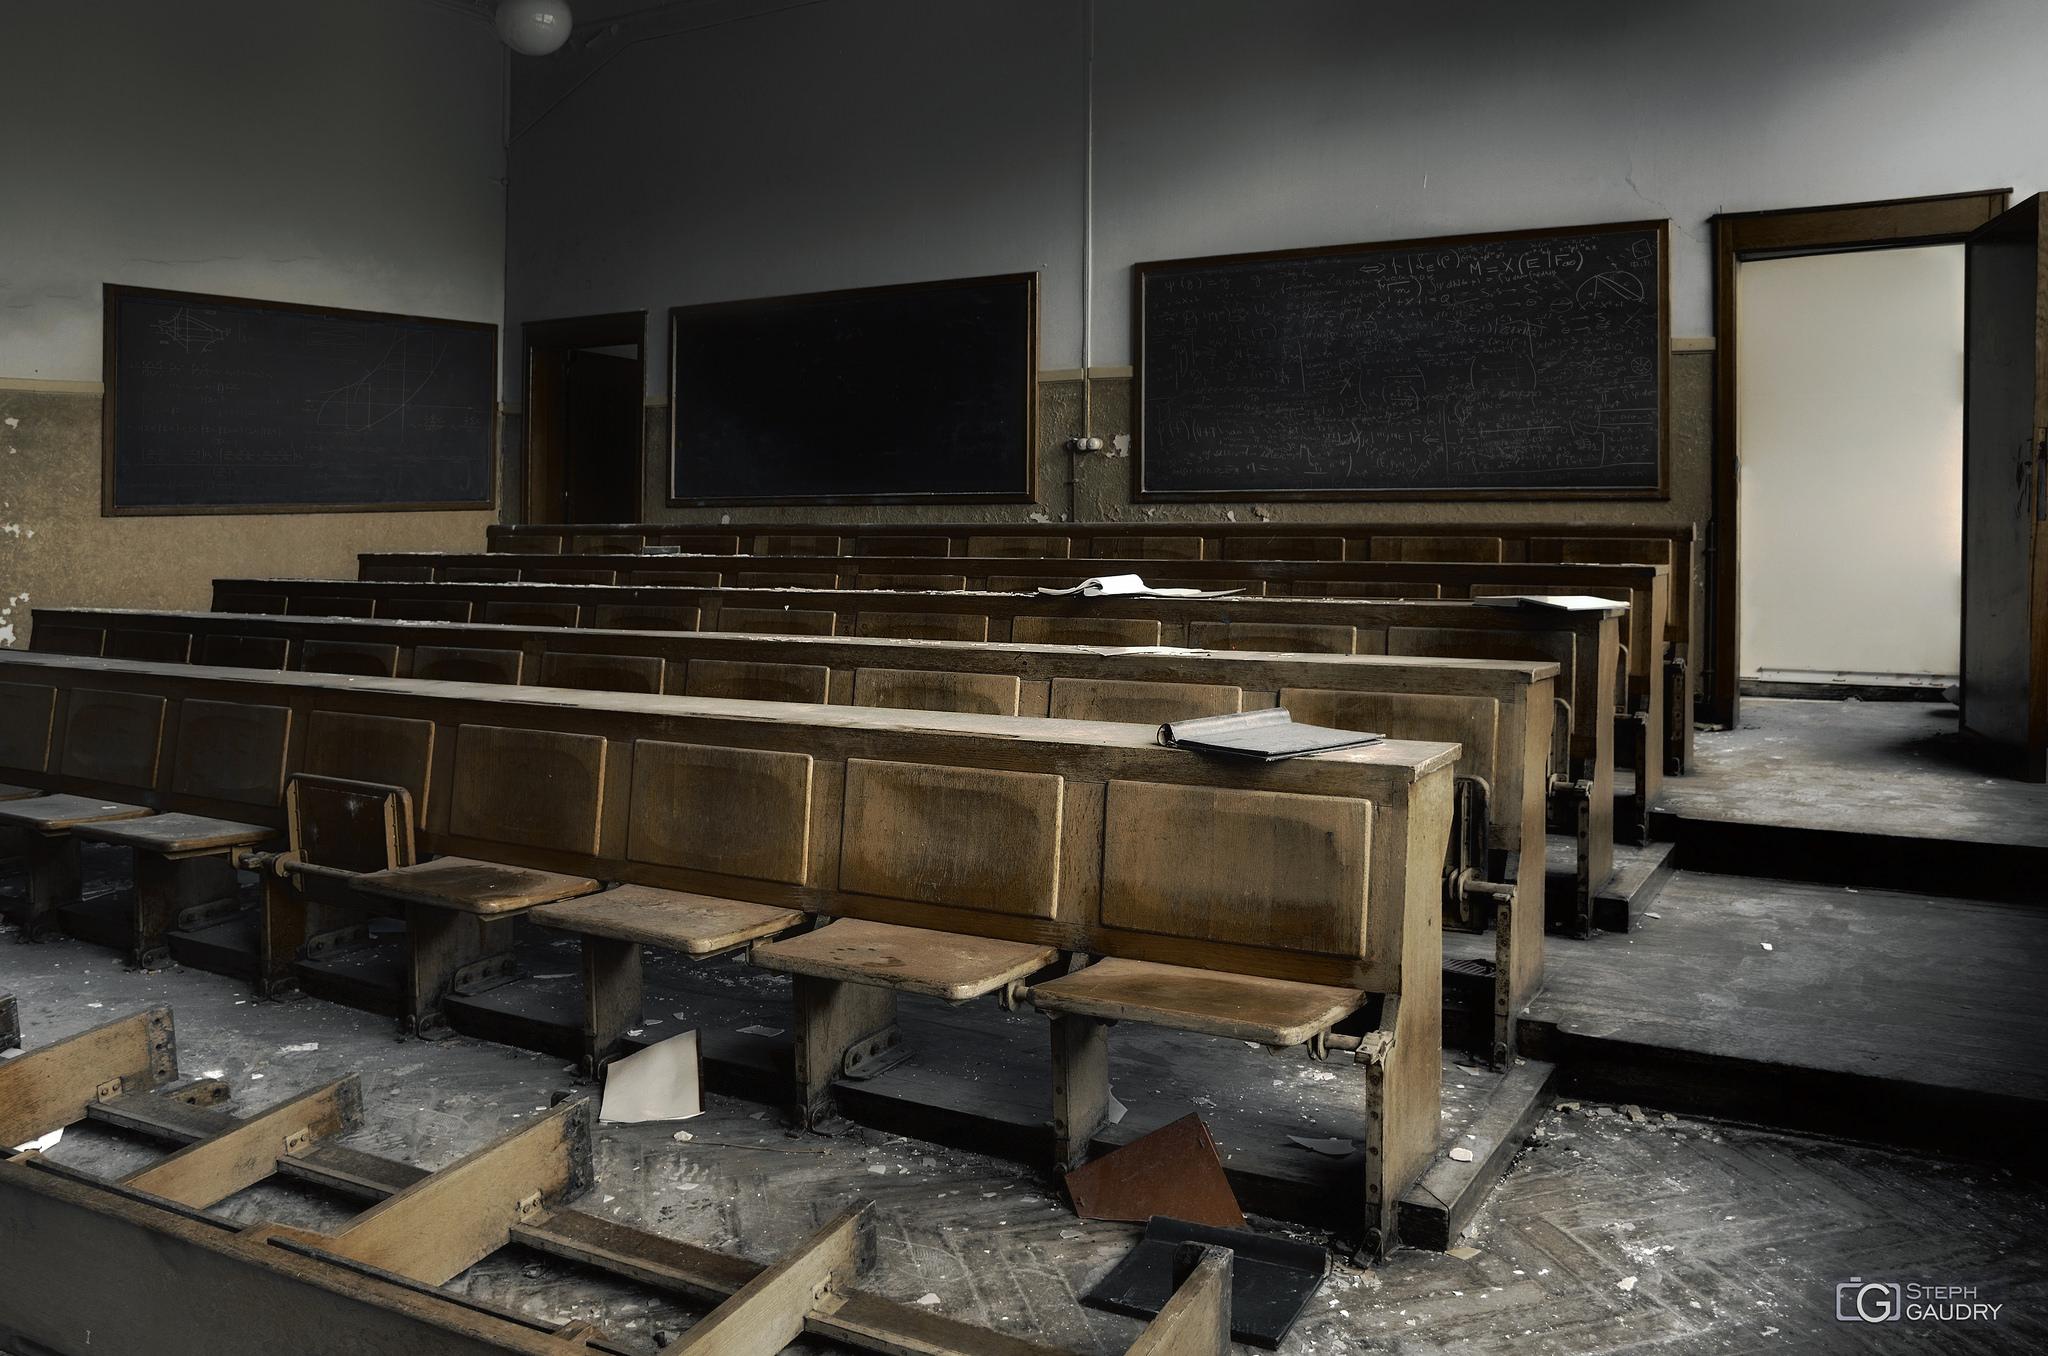 Nous ne retournerons plus sur les bancs d'école... [Klicken Sie hier, um die Diashow zu starten]